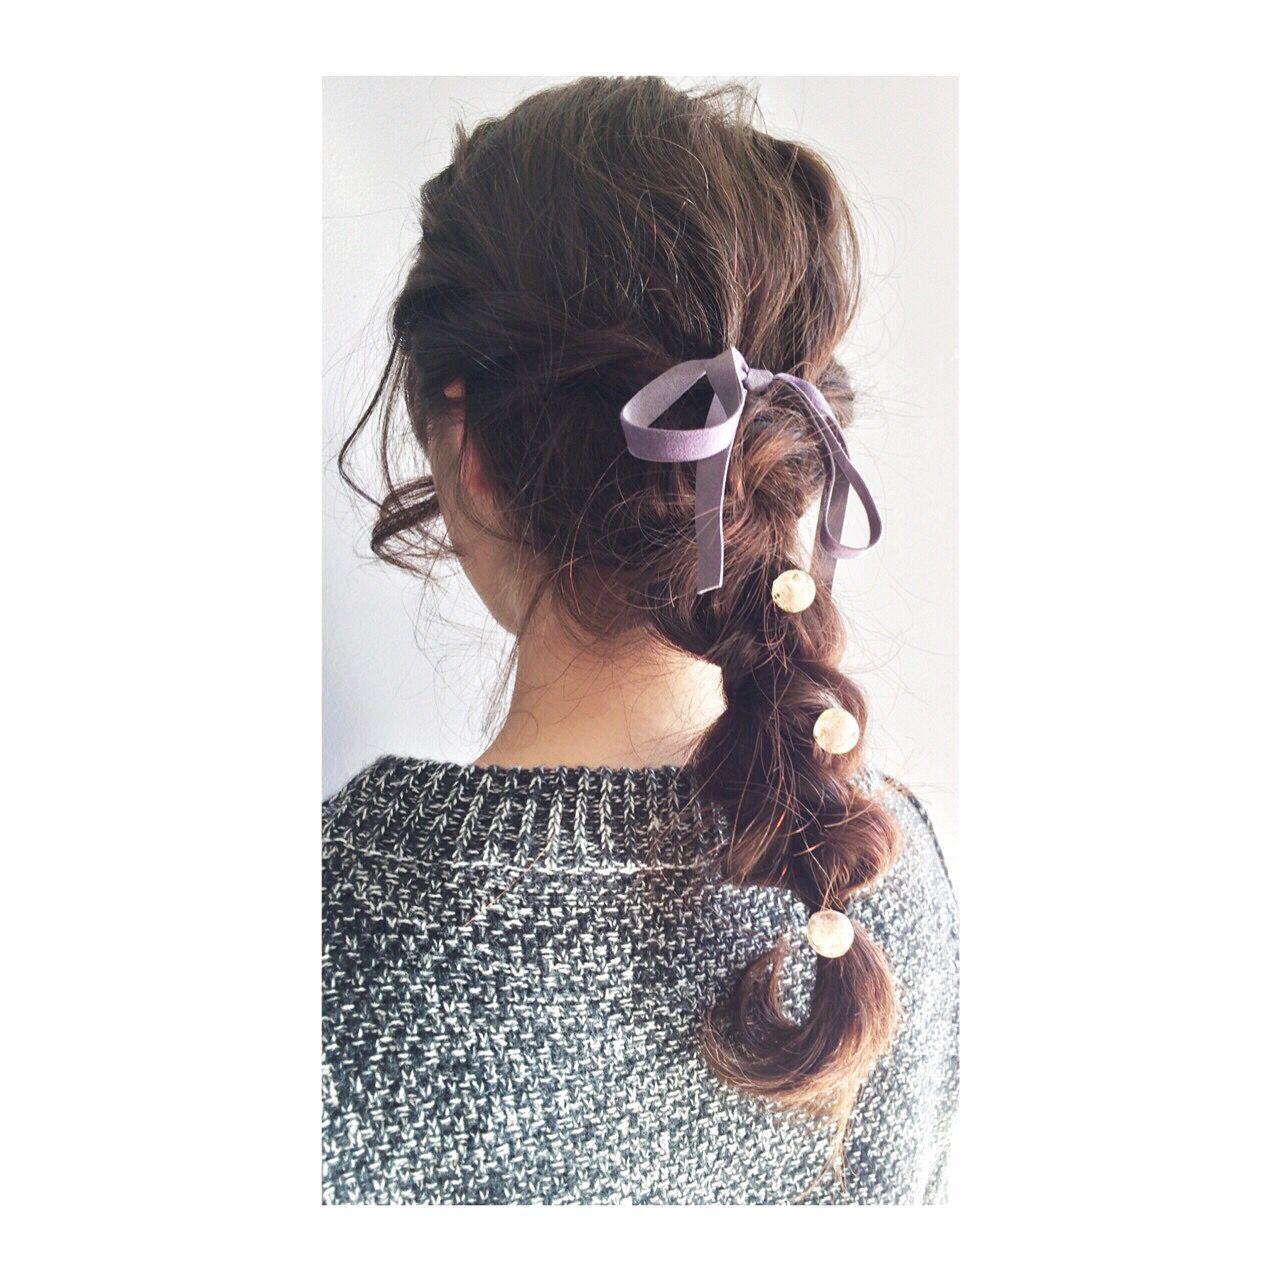 ゆるふわ ヘアアレンジ 三つ編み ガーリー ヘアスタイルや髪型の写真・画像